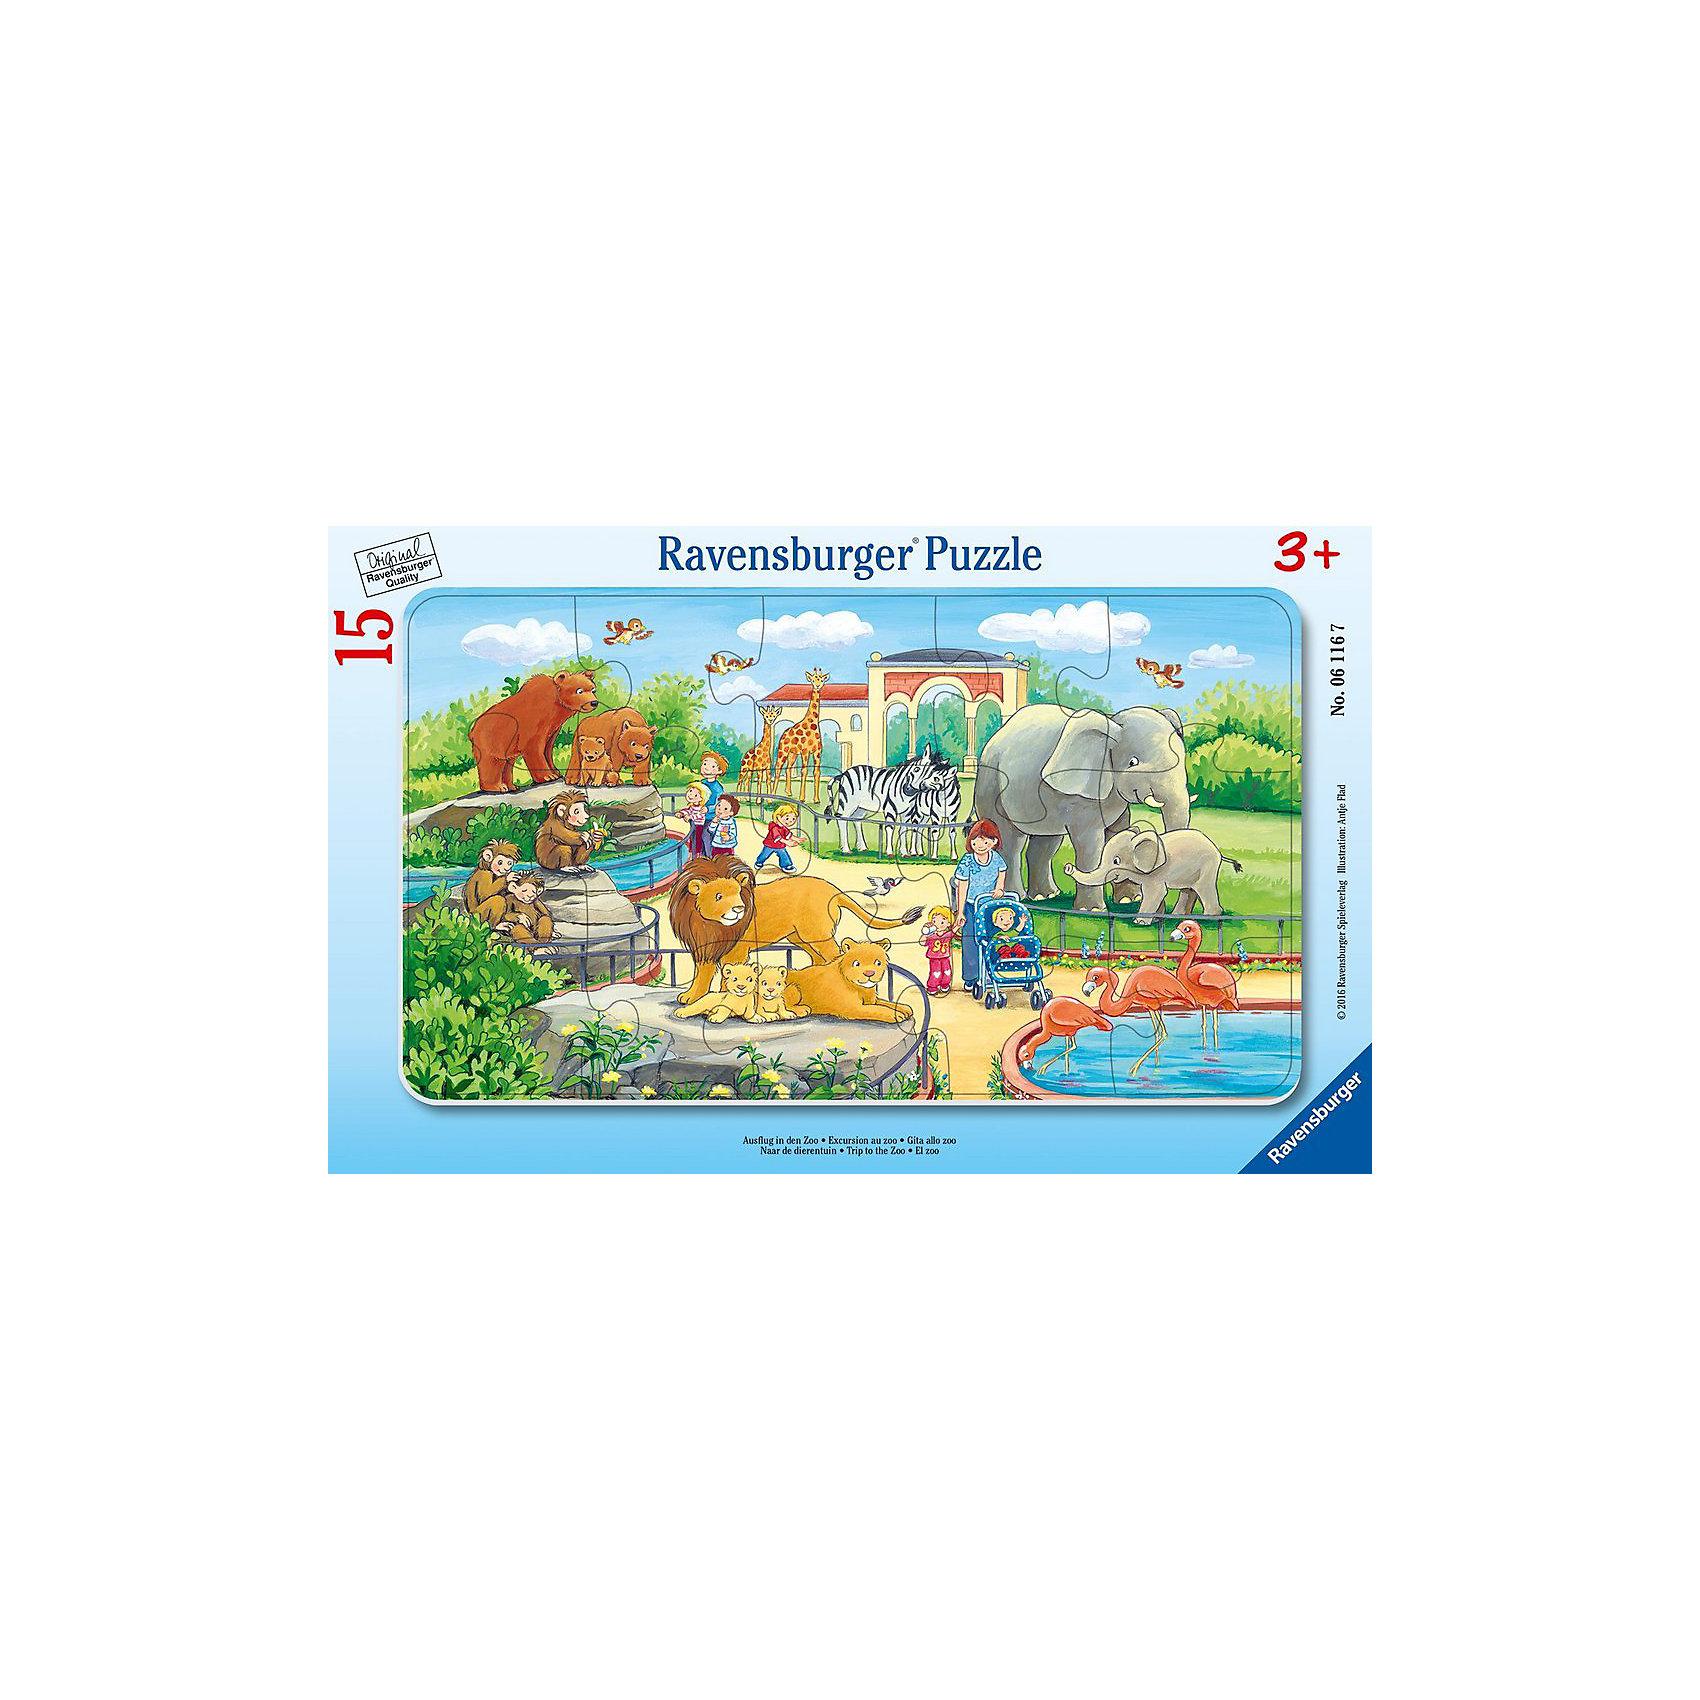 Пазл «Прогулка по зоопарку», 15 деталей, RavensburgerПазлы для малышей<br>Яркая картинка, состоящая из 15 элементов, напечатана на картоне высочайшего качества. Собирать такую головоломку приятно и достаточно легко, ведь изображенные на рисунке животные крупные и хорошо узнаваемы. Здесь есть зебры, жирафы, фламинго, львы и много других зверушек, которые так нравятся детям. Пазл принесёт вашему ребёнку положительные эмоции. А так же малыш научится различать животных, что расширит его знания. <br><br>В товар входит:<br>-15 деталей <br><br>Дополнительная информация<br>- Размер картинки :  25*14,5 см <br>-Размер упаковки : 30*19*5 см<br>-Возраст: от 3 лет<br>-Для мальчиков и девочек<br>-Состав: картон<br>-Бренд: Ravensburger (Равенсбургер)<br>-Страна обладатель бренда: Германия<br><br>Ширина мм: 295<br>Глубина мм: 187<br>Высота мм: 8<br>Вес г: 157<br>Возраст от месяцев: 36<br>Возраст до месяцев: 60<br>Пол: Унисекс<br>Возраст: Детский<br>Количество деталей: 15<br>SKU: 4441671